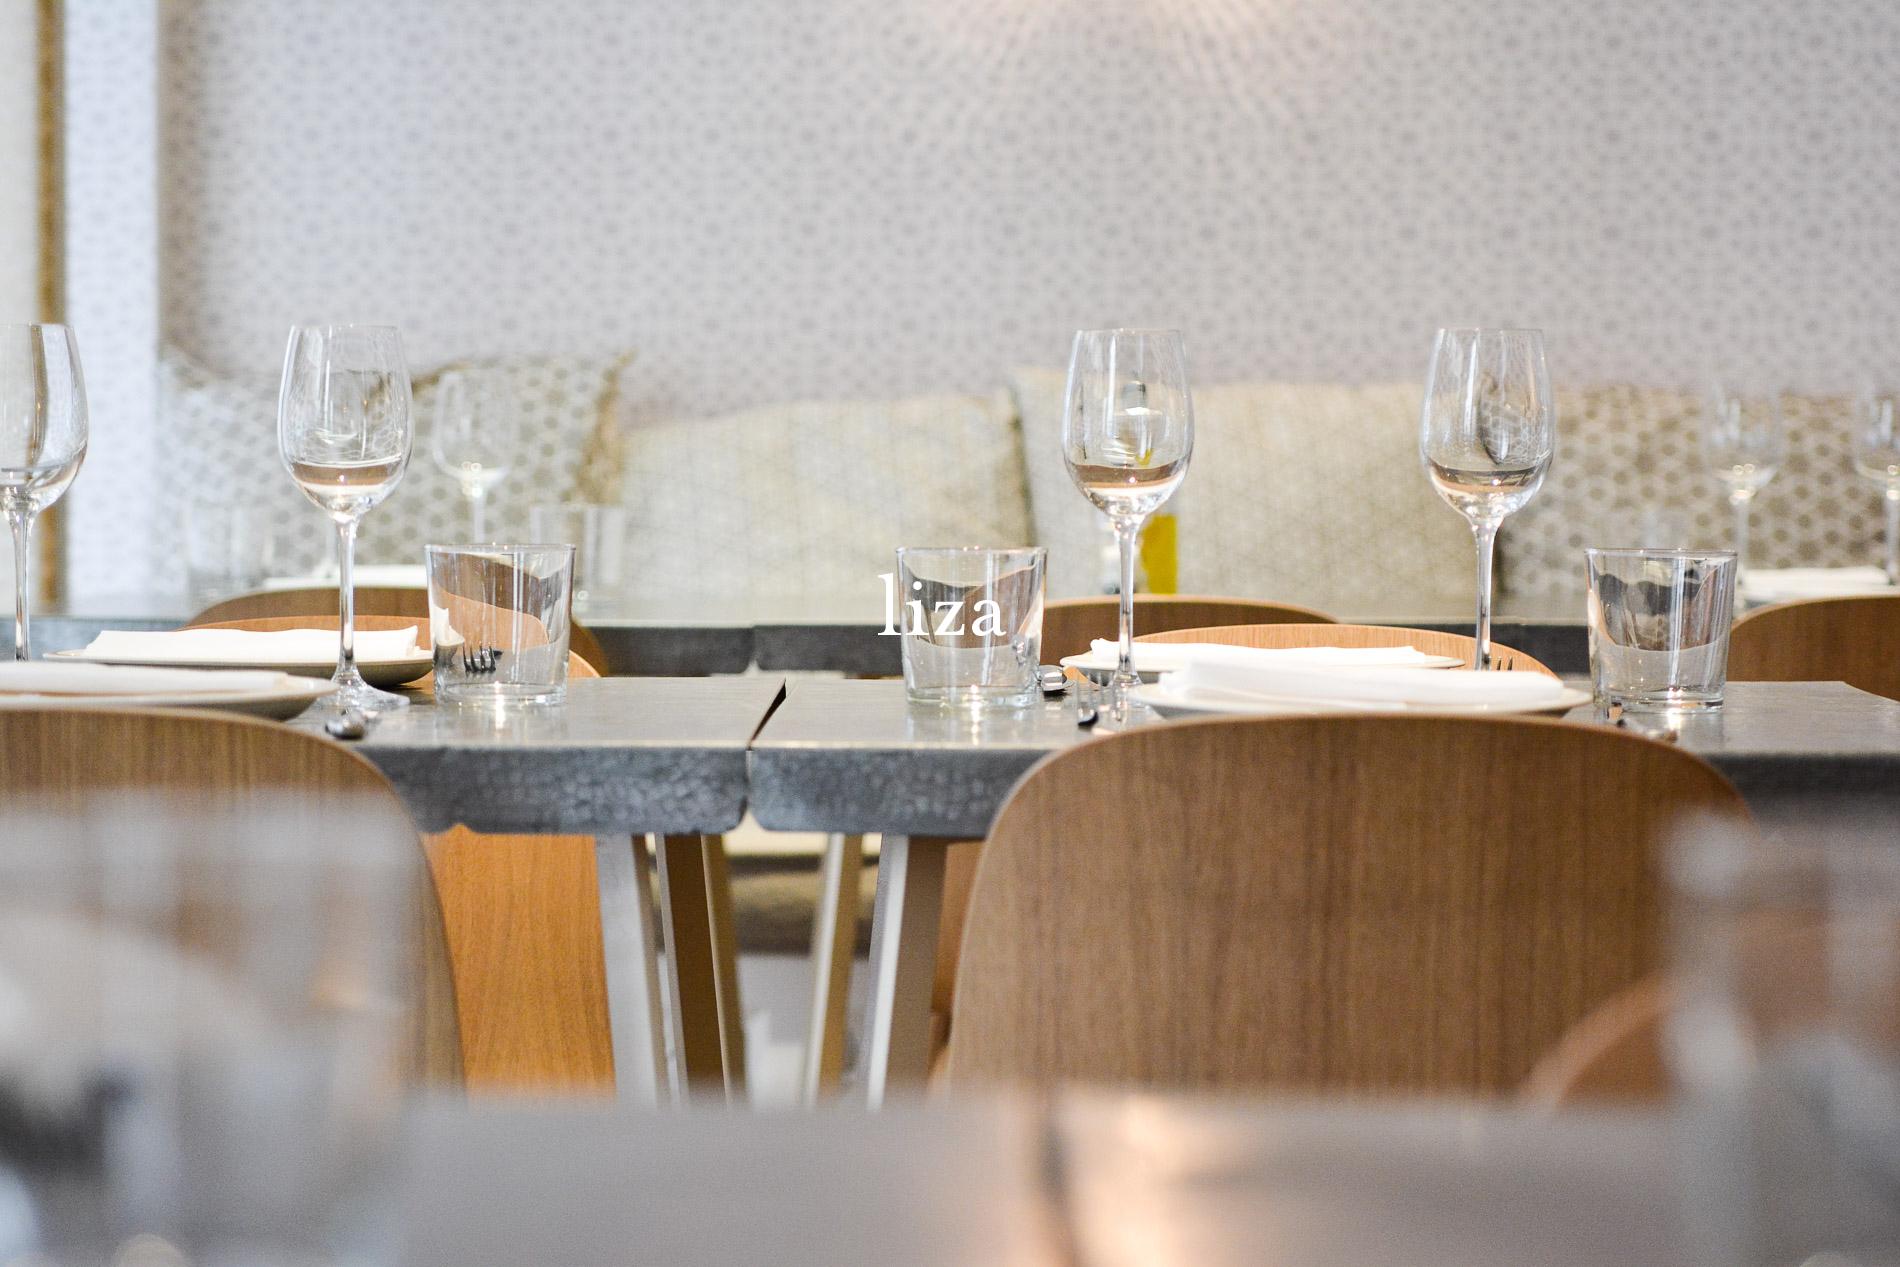 Liza le meilleur restaurant libanais de parisle polyèdre